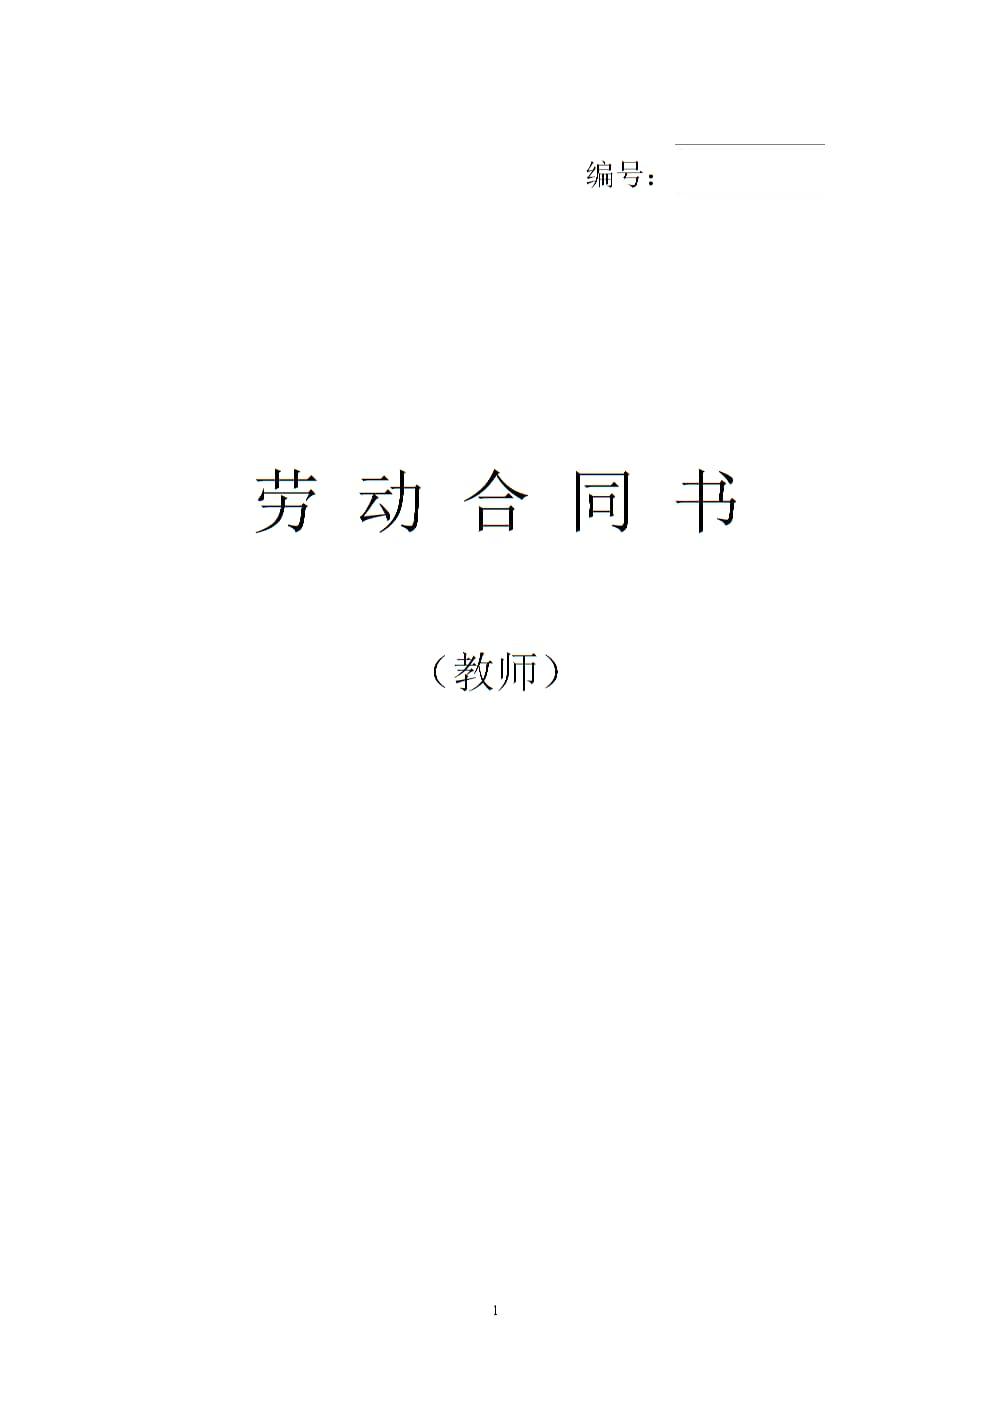 教师劳动合同书.ppt